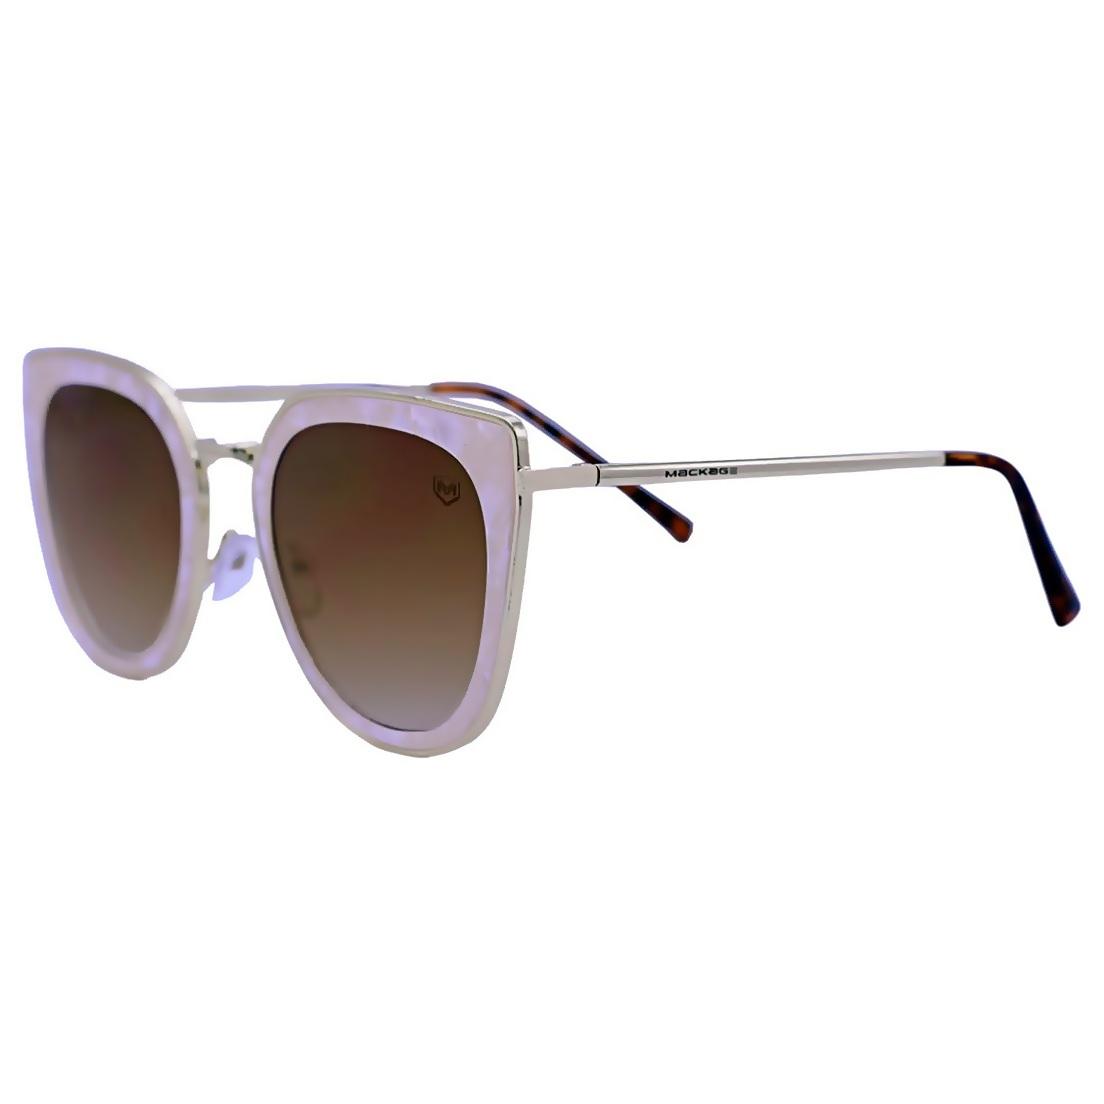 Óculos de Sol Mackage Feminino Metal Gateado - Dourado/Nude